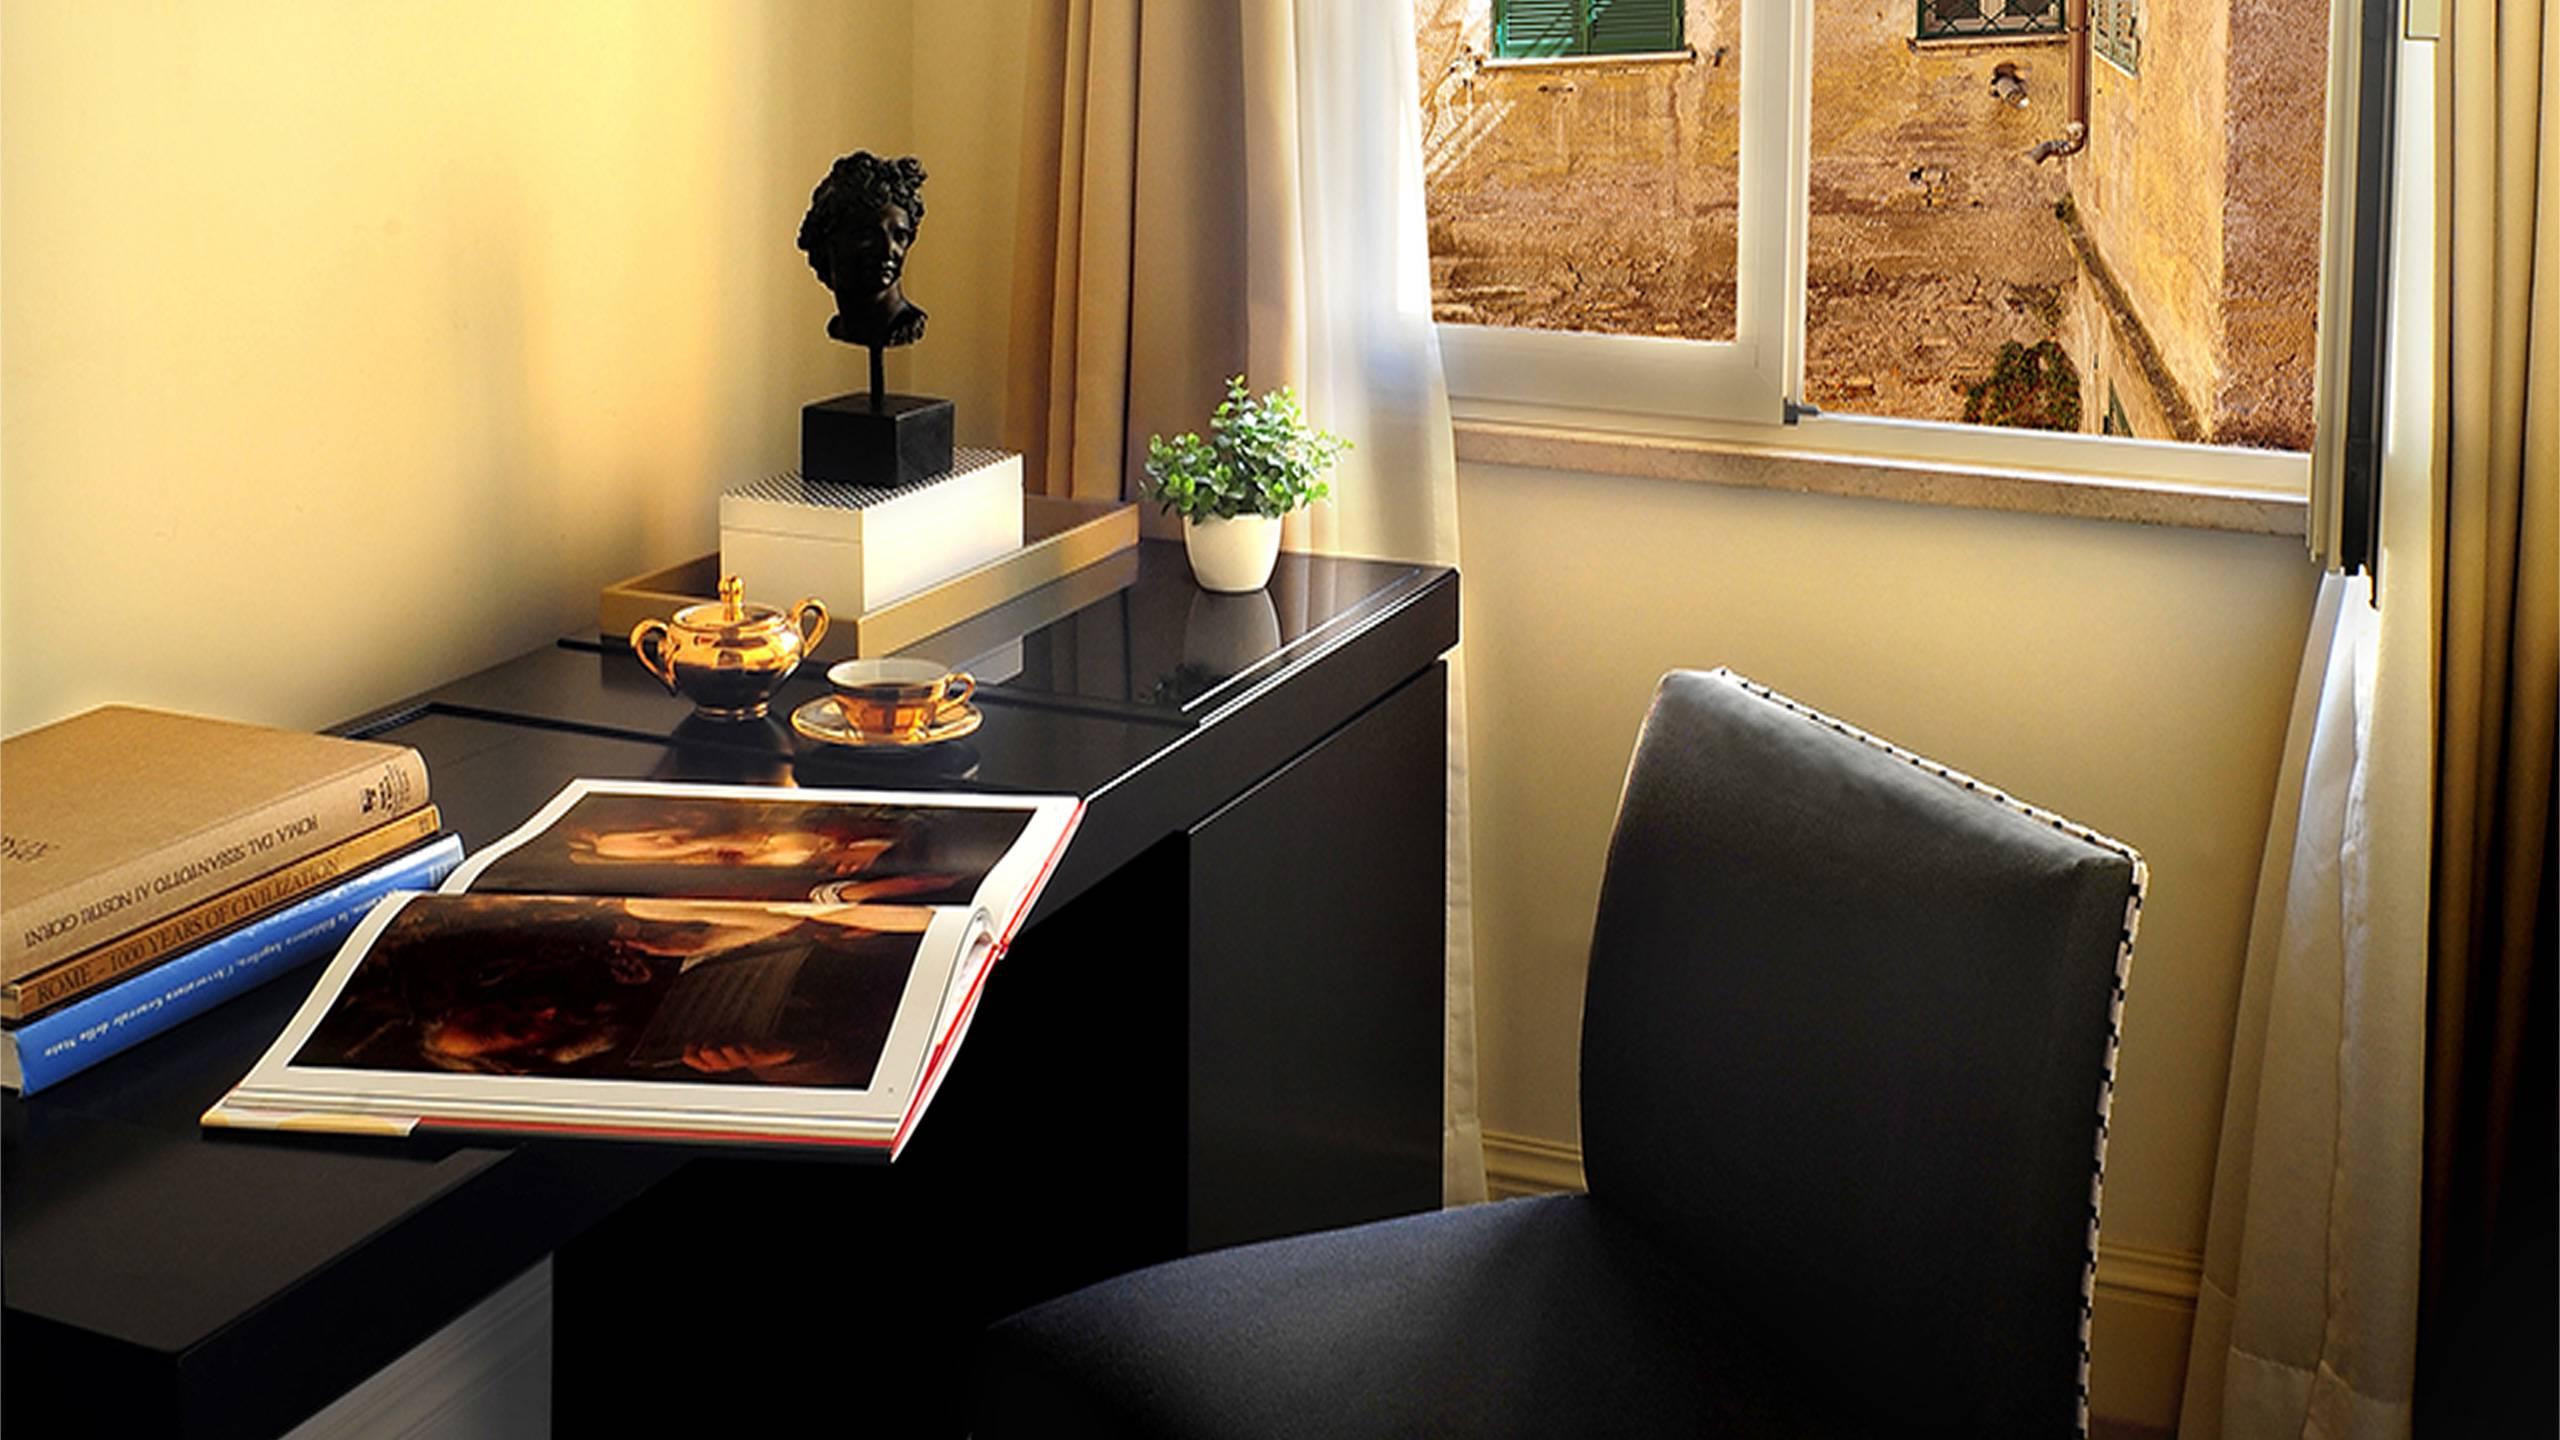 Nerva-Boutique-Hotel-Copia-di-DSC-9174-FATTA-ricorretta-copia-2560